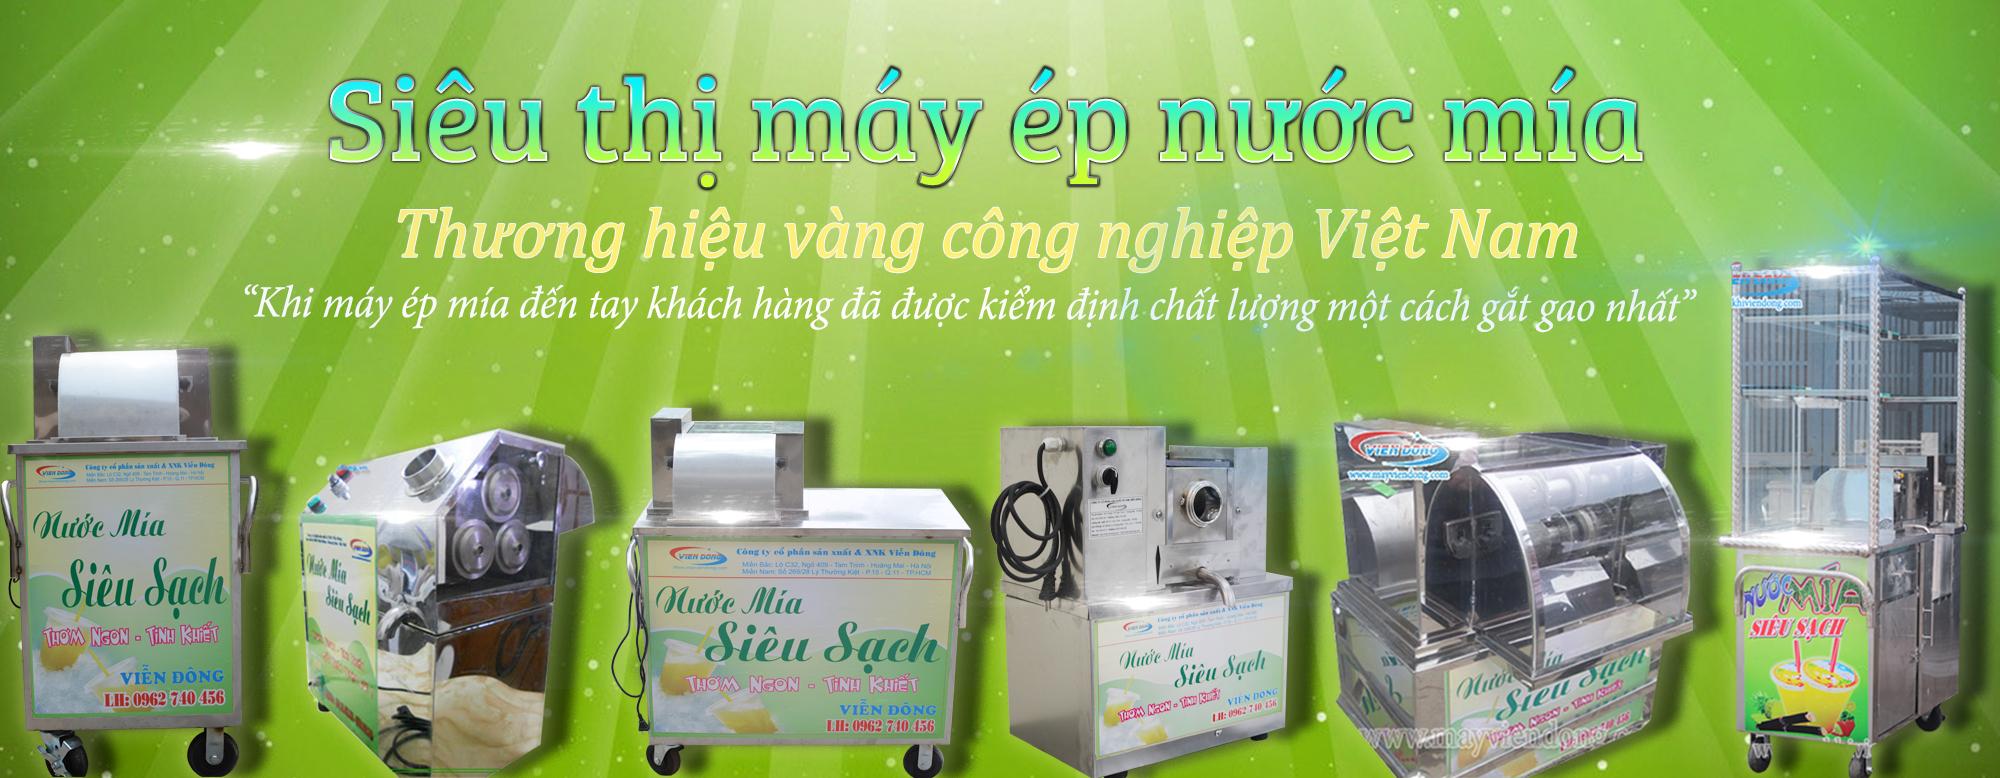 Các dòng máy ép nước mía siêu sạch Viễn Đông